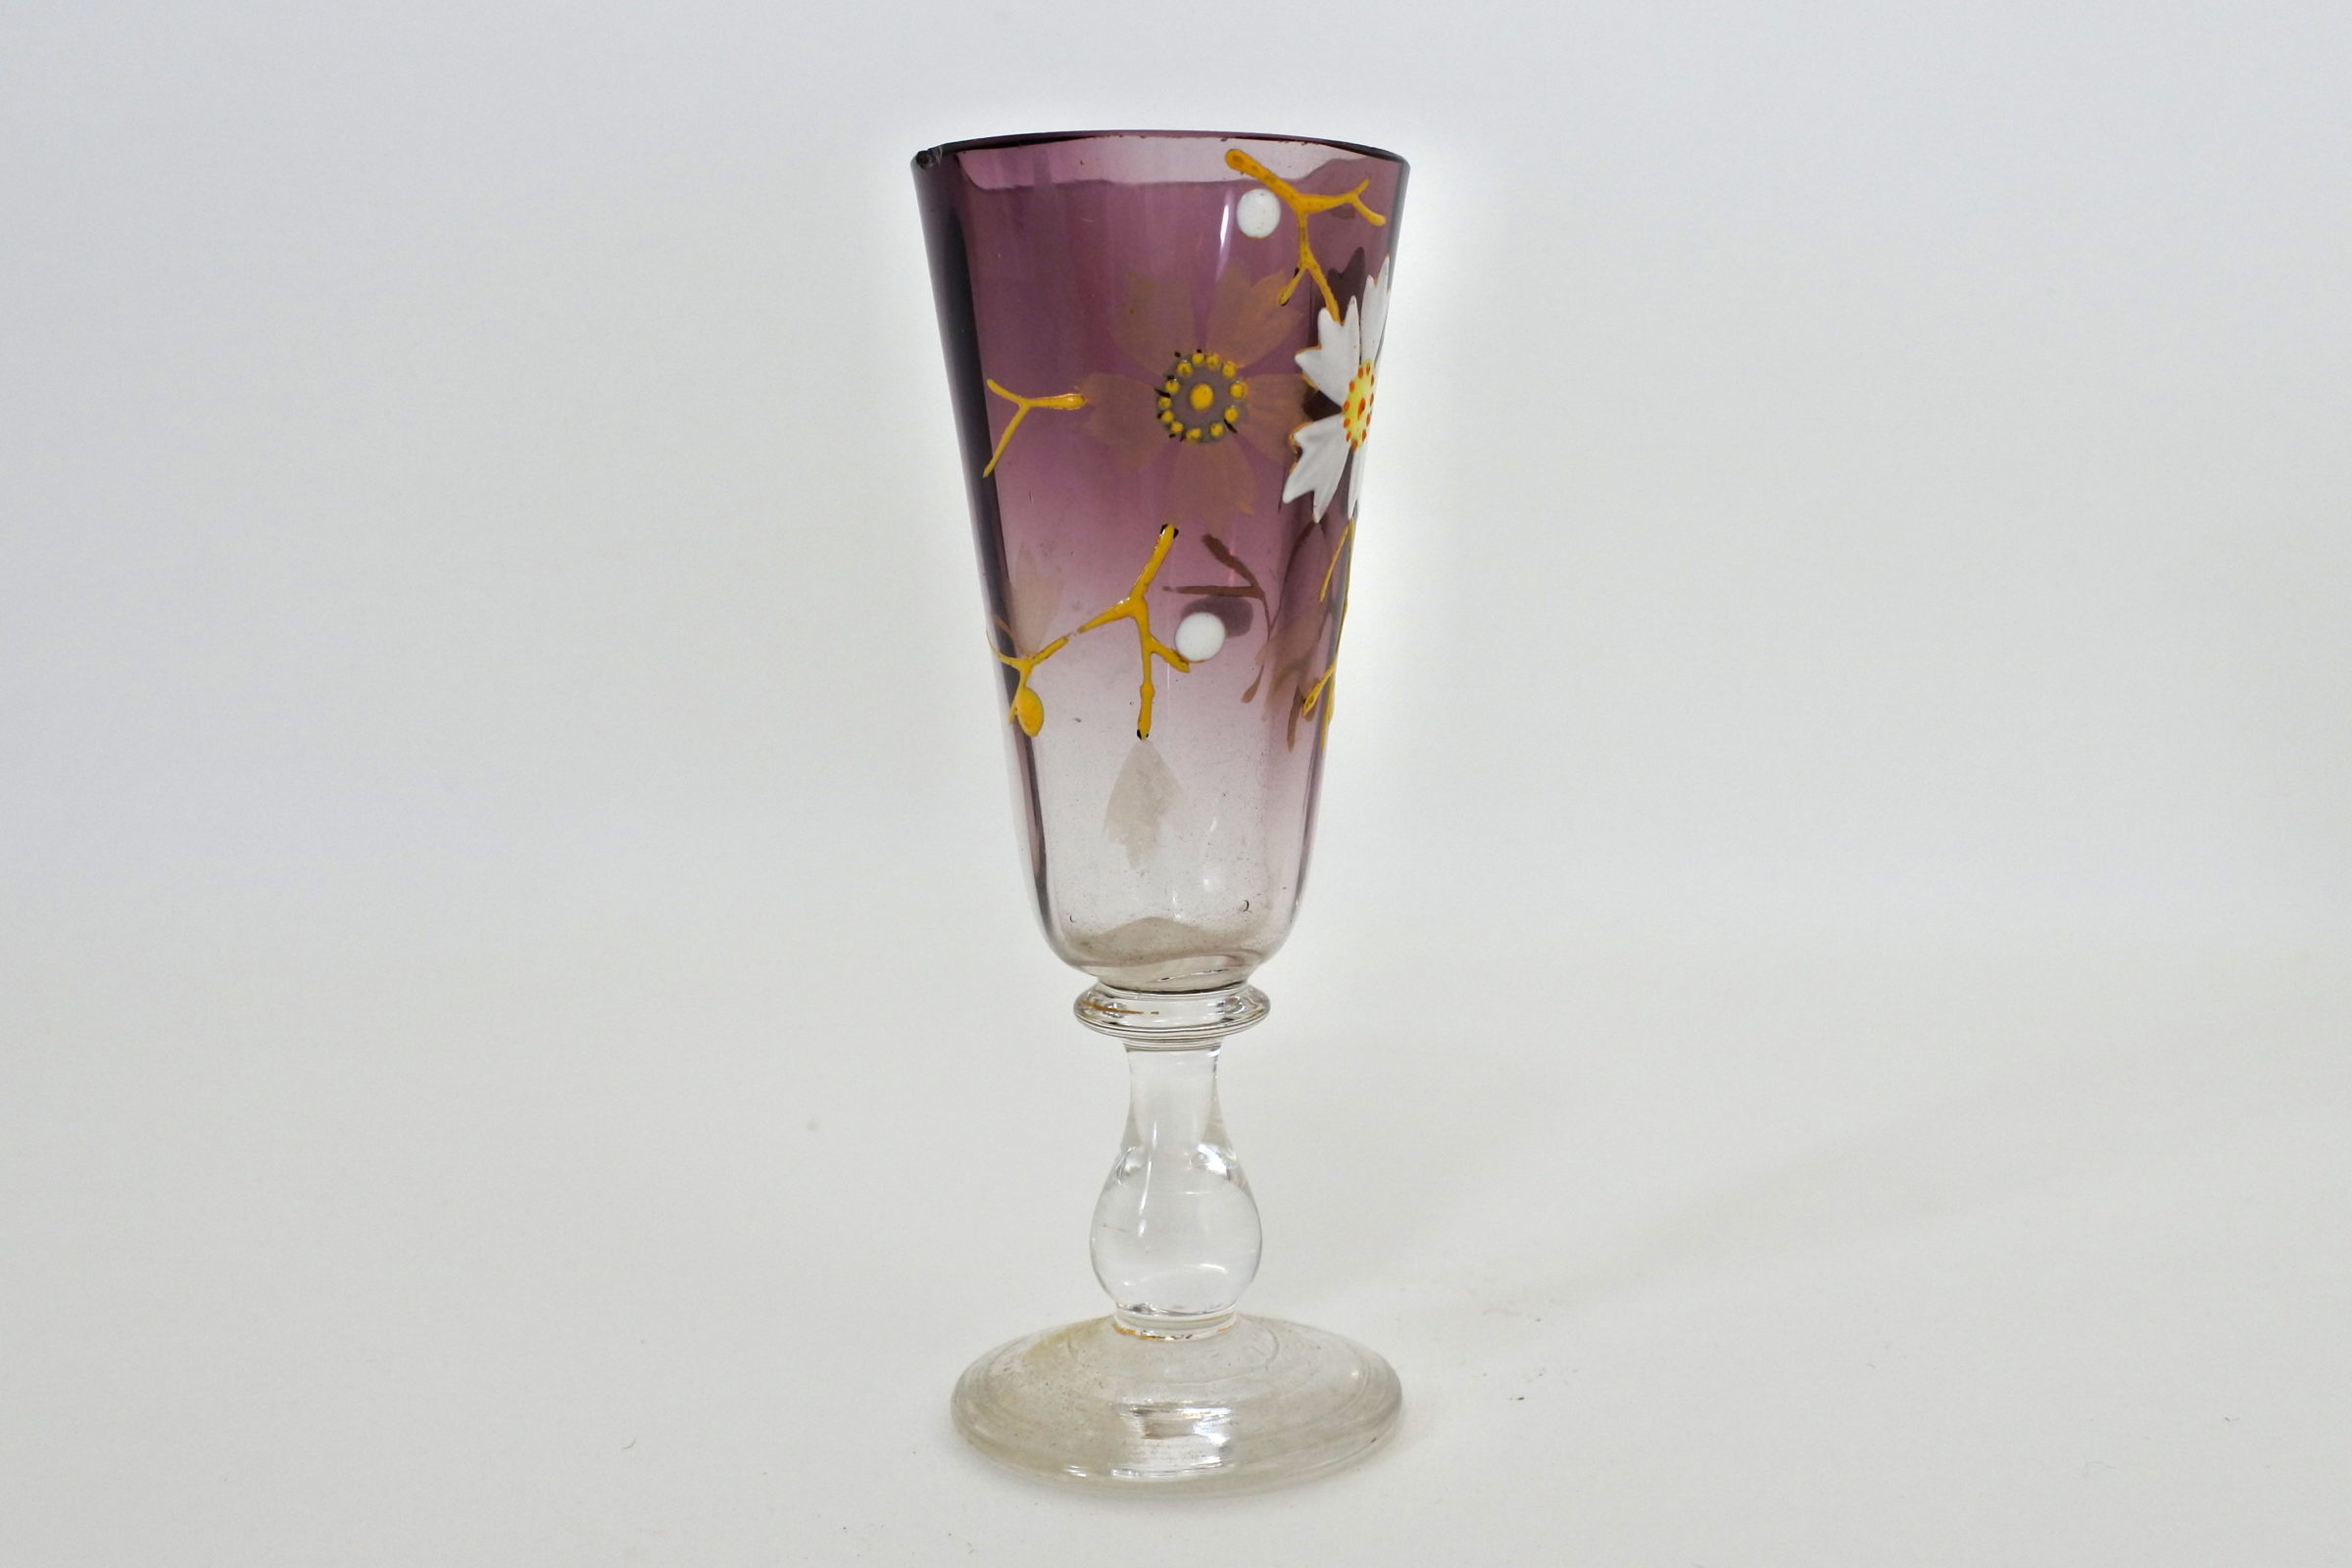 Bicchierino in vetro soffiato e smalti - Altezza 9,5 cm - 2